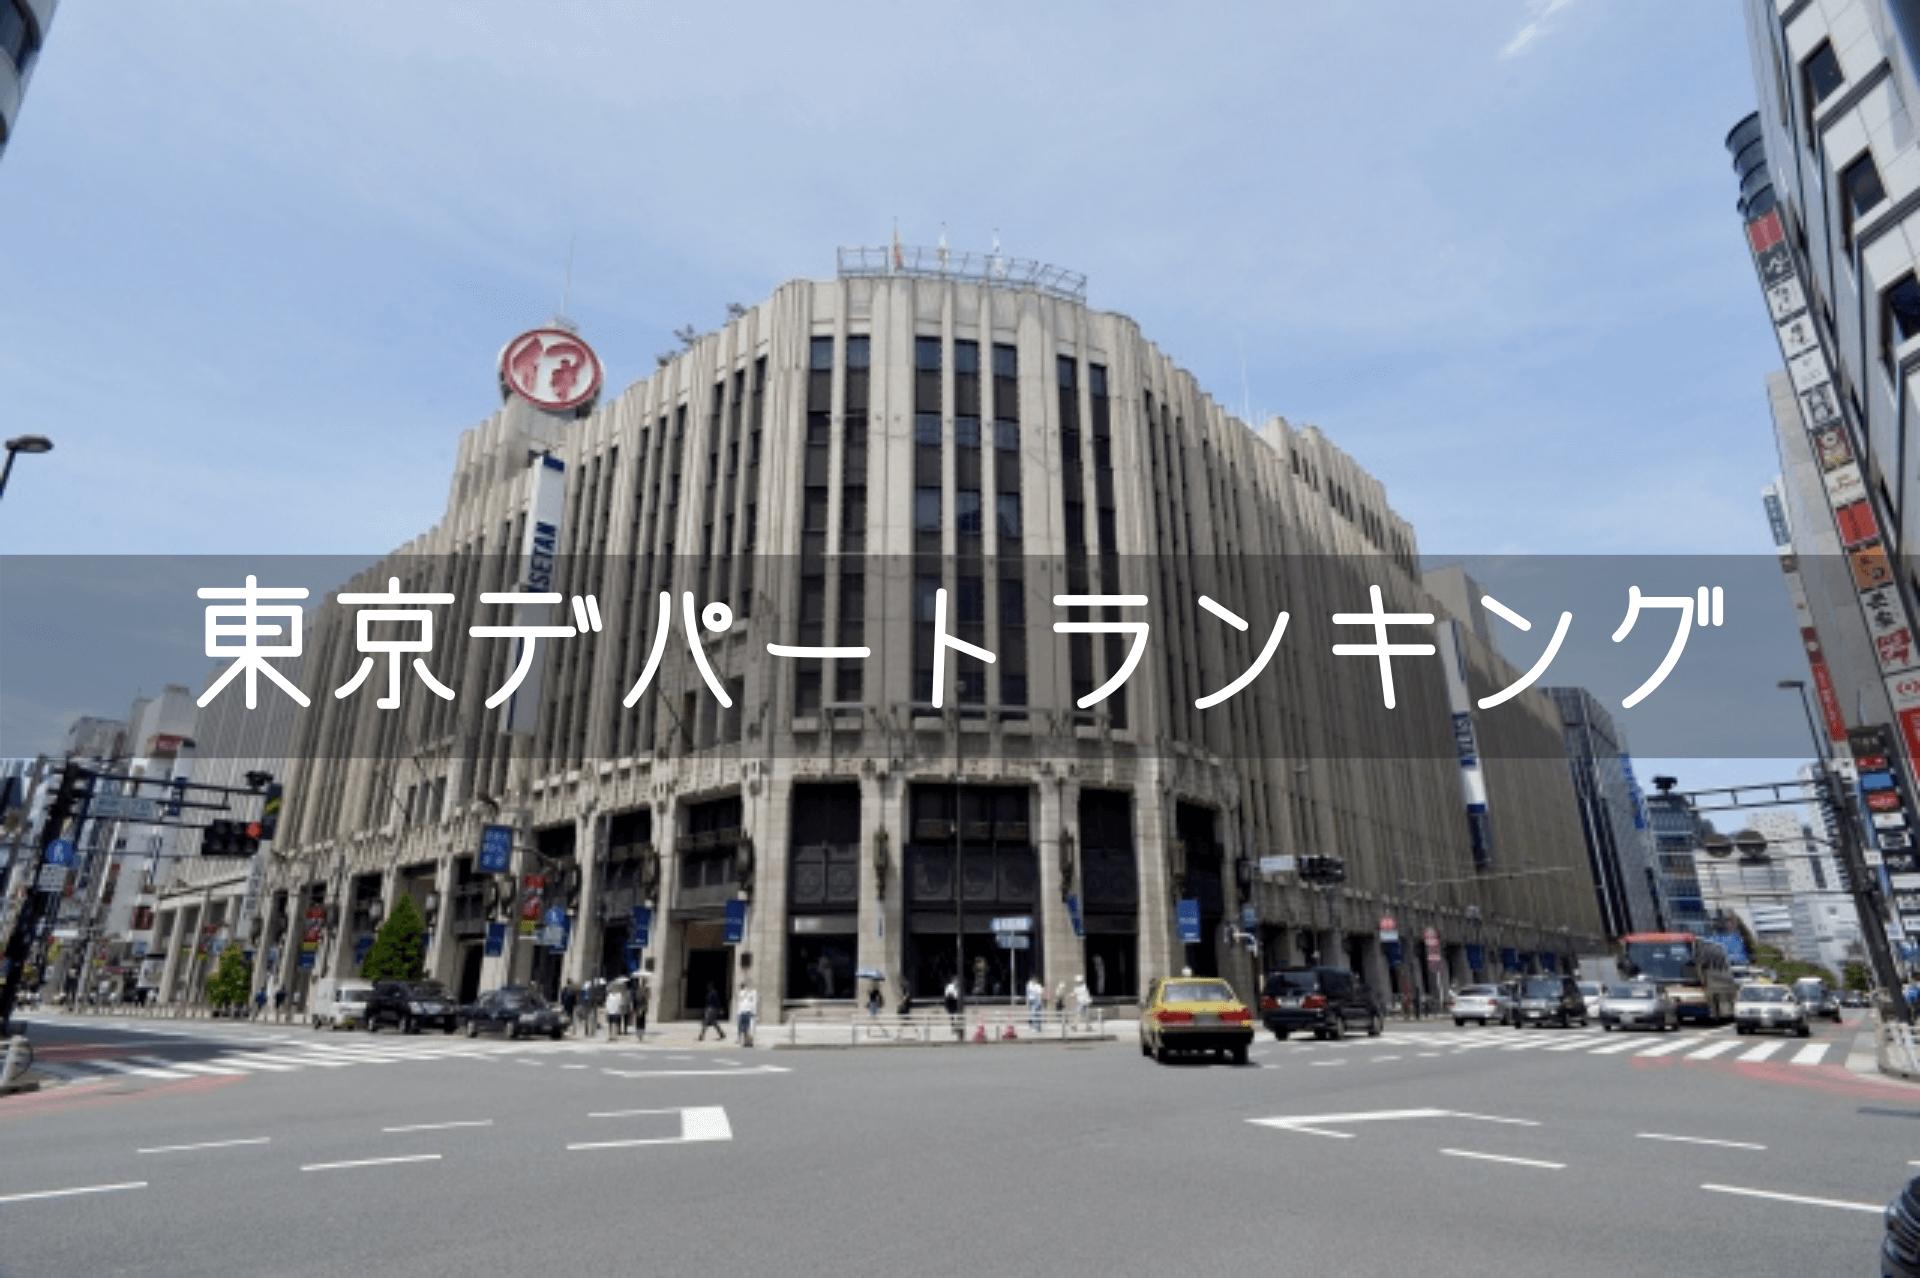 東京デパートランキング1位から4位